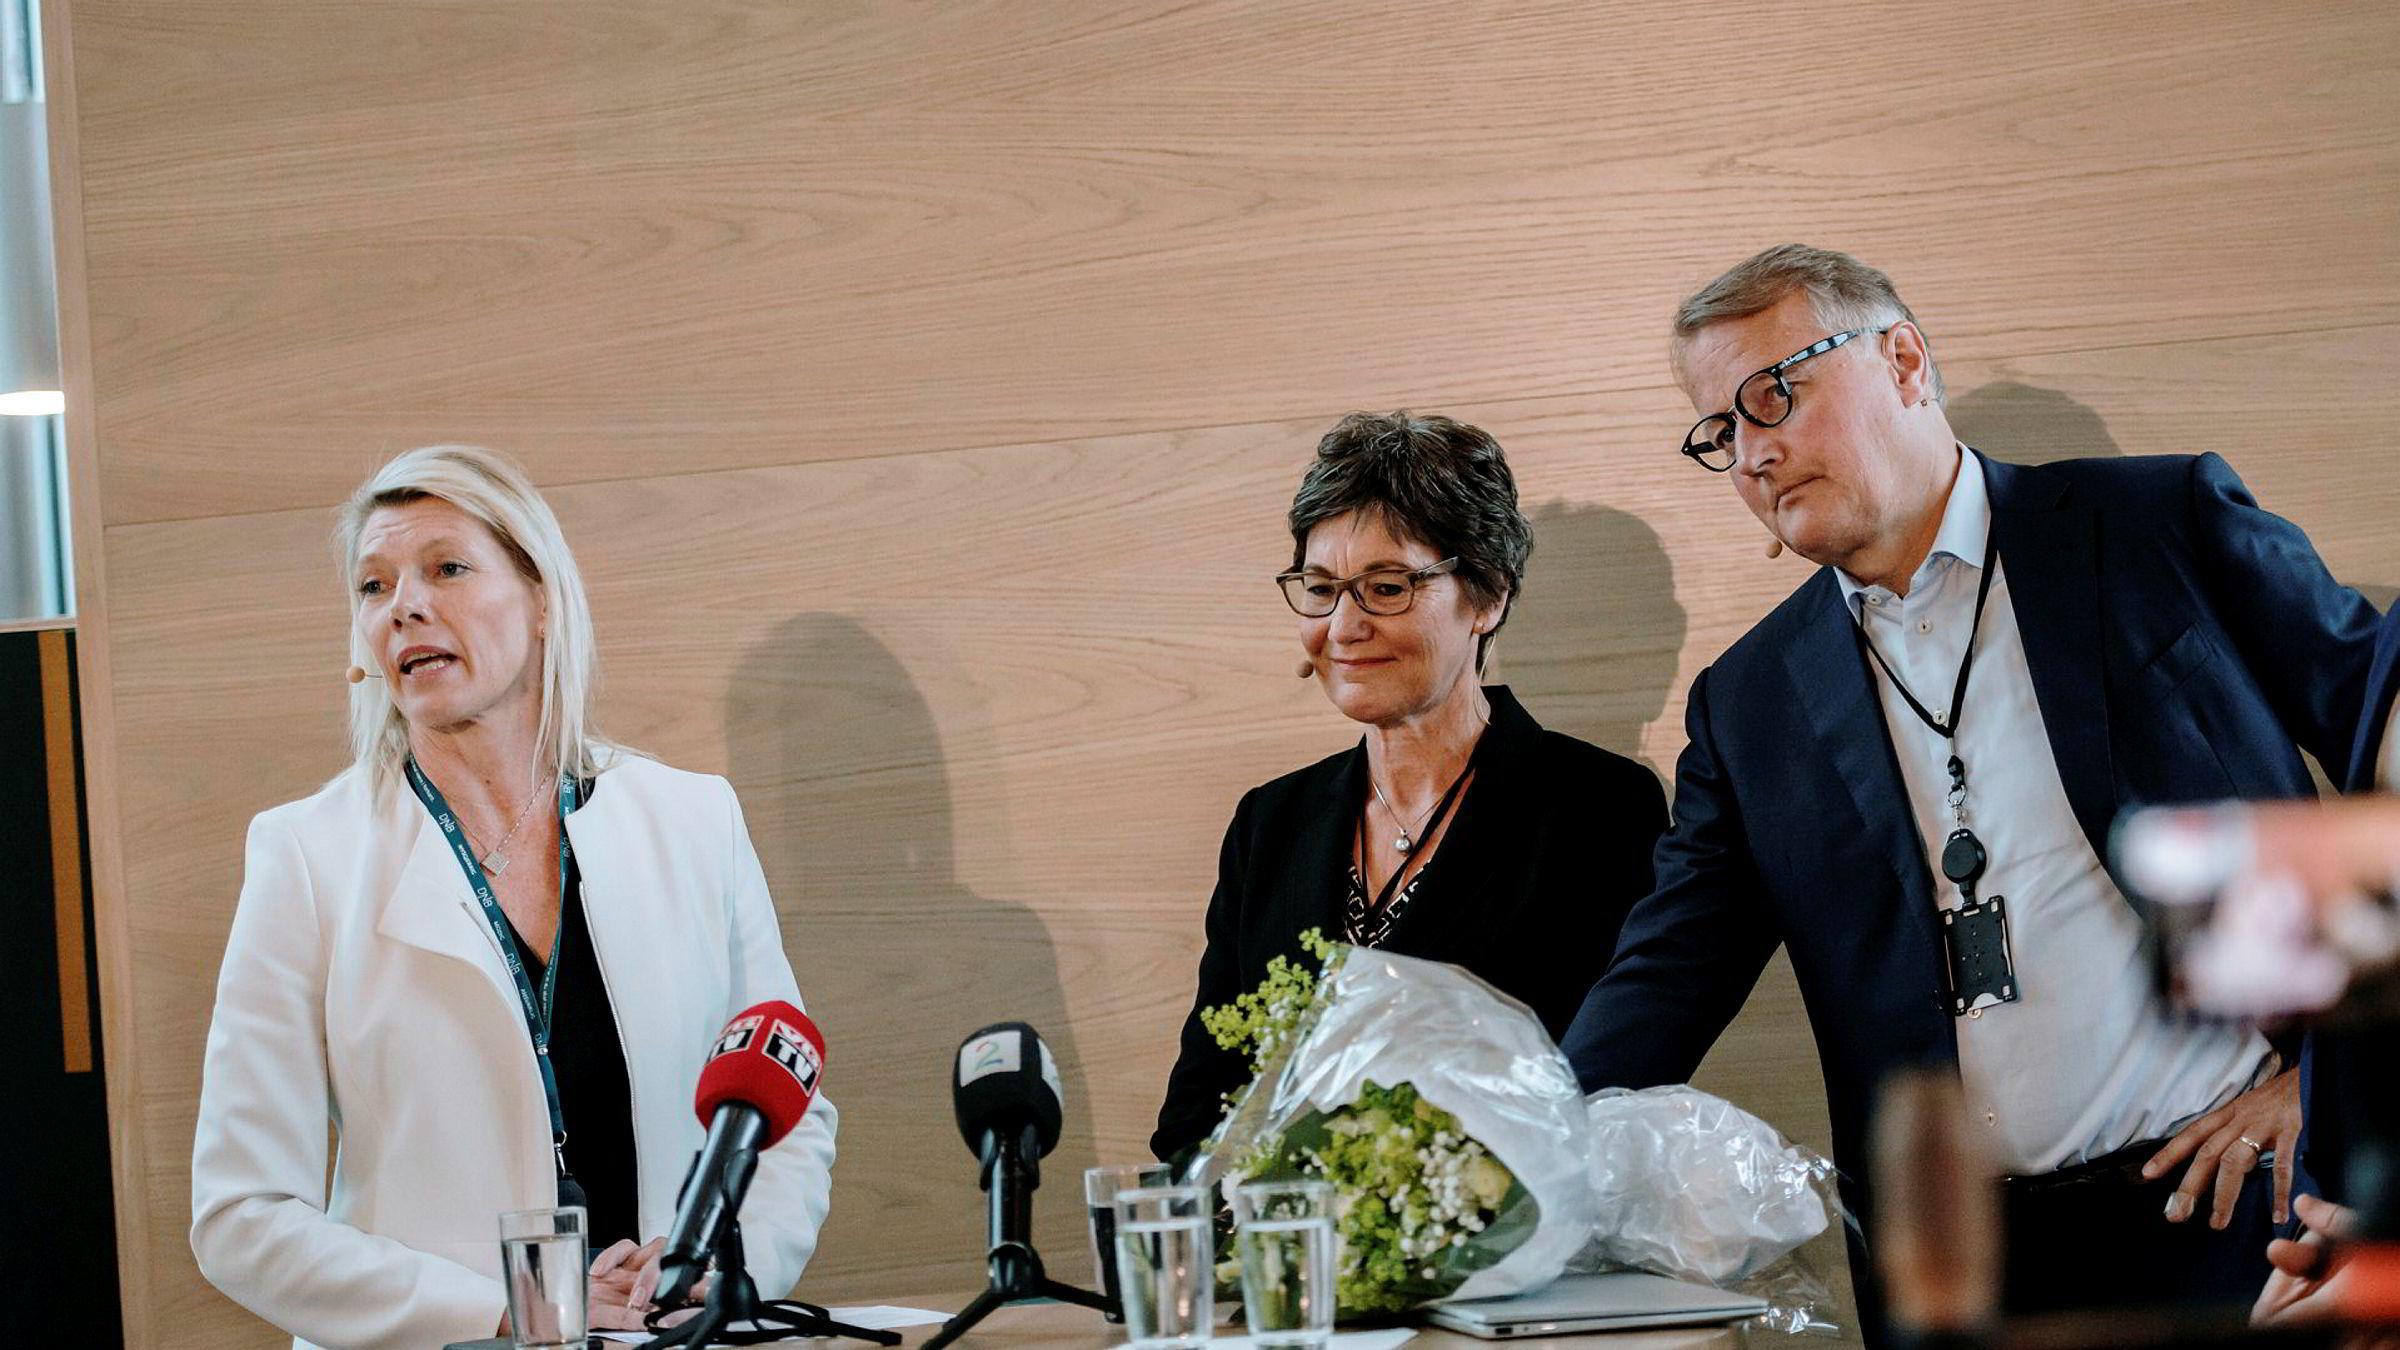 Fra venstre: Kjerstin Braathen påtroppende konsernsjef i DNB, styreleder Olaug Svarva og avtroppende konsernsjef Rune Bjerke. Kjerstin Braathen blir ny konsernsjef i DNB 1. september.